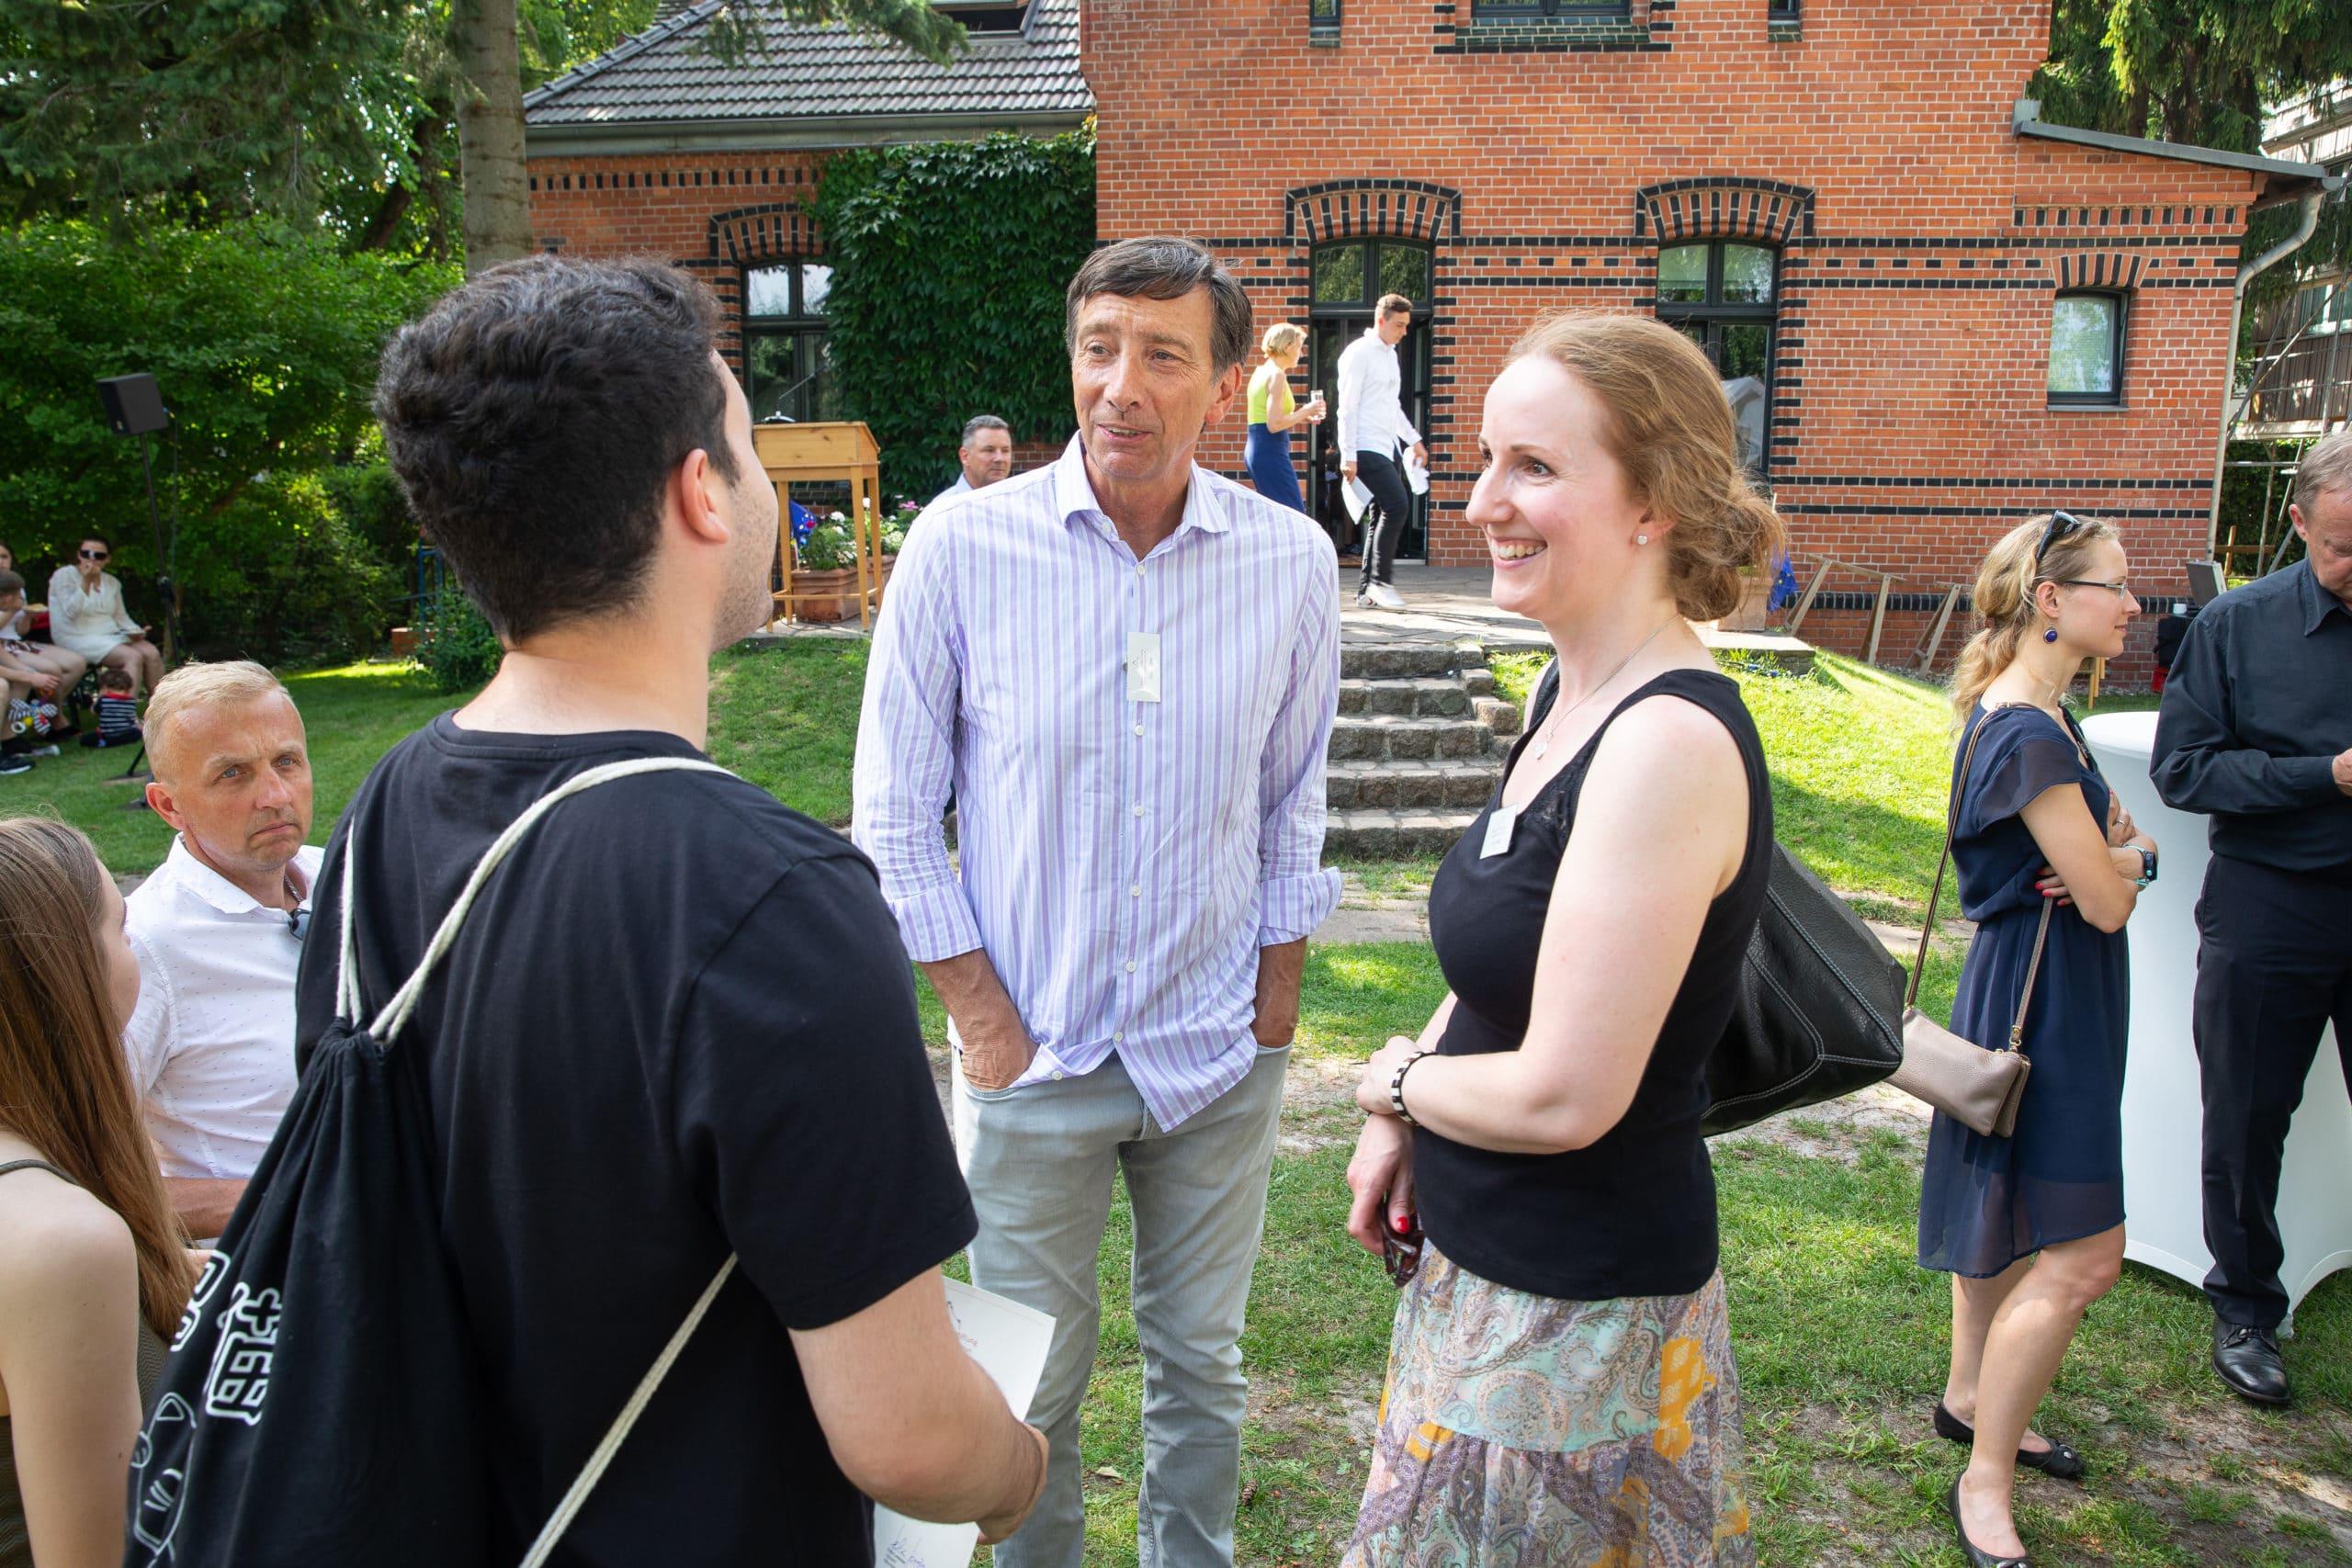 Knut Möller und Kim Tensfeldt im Gespräch mit einem Stipendiaten - Stipendienverleihung 2019